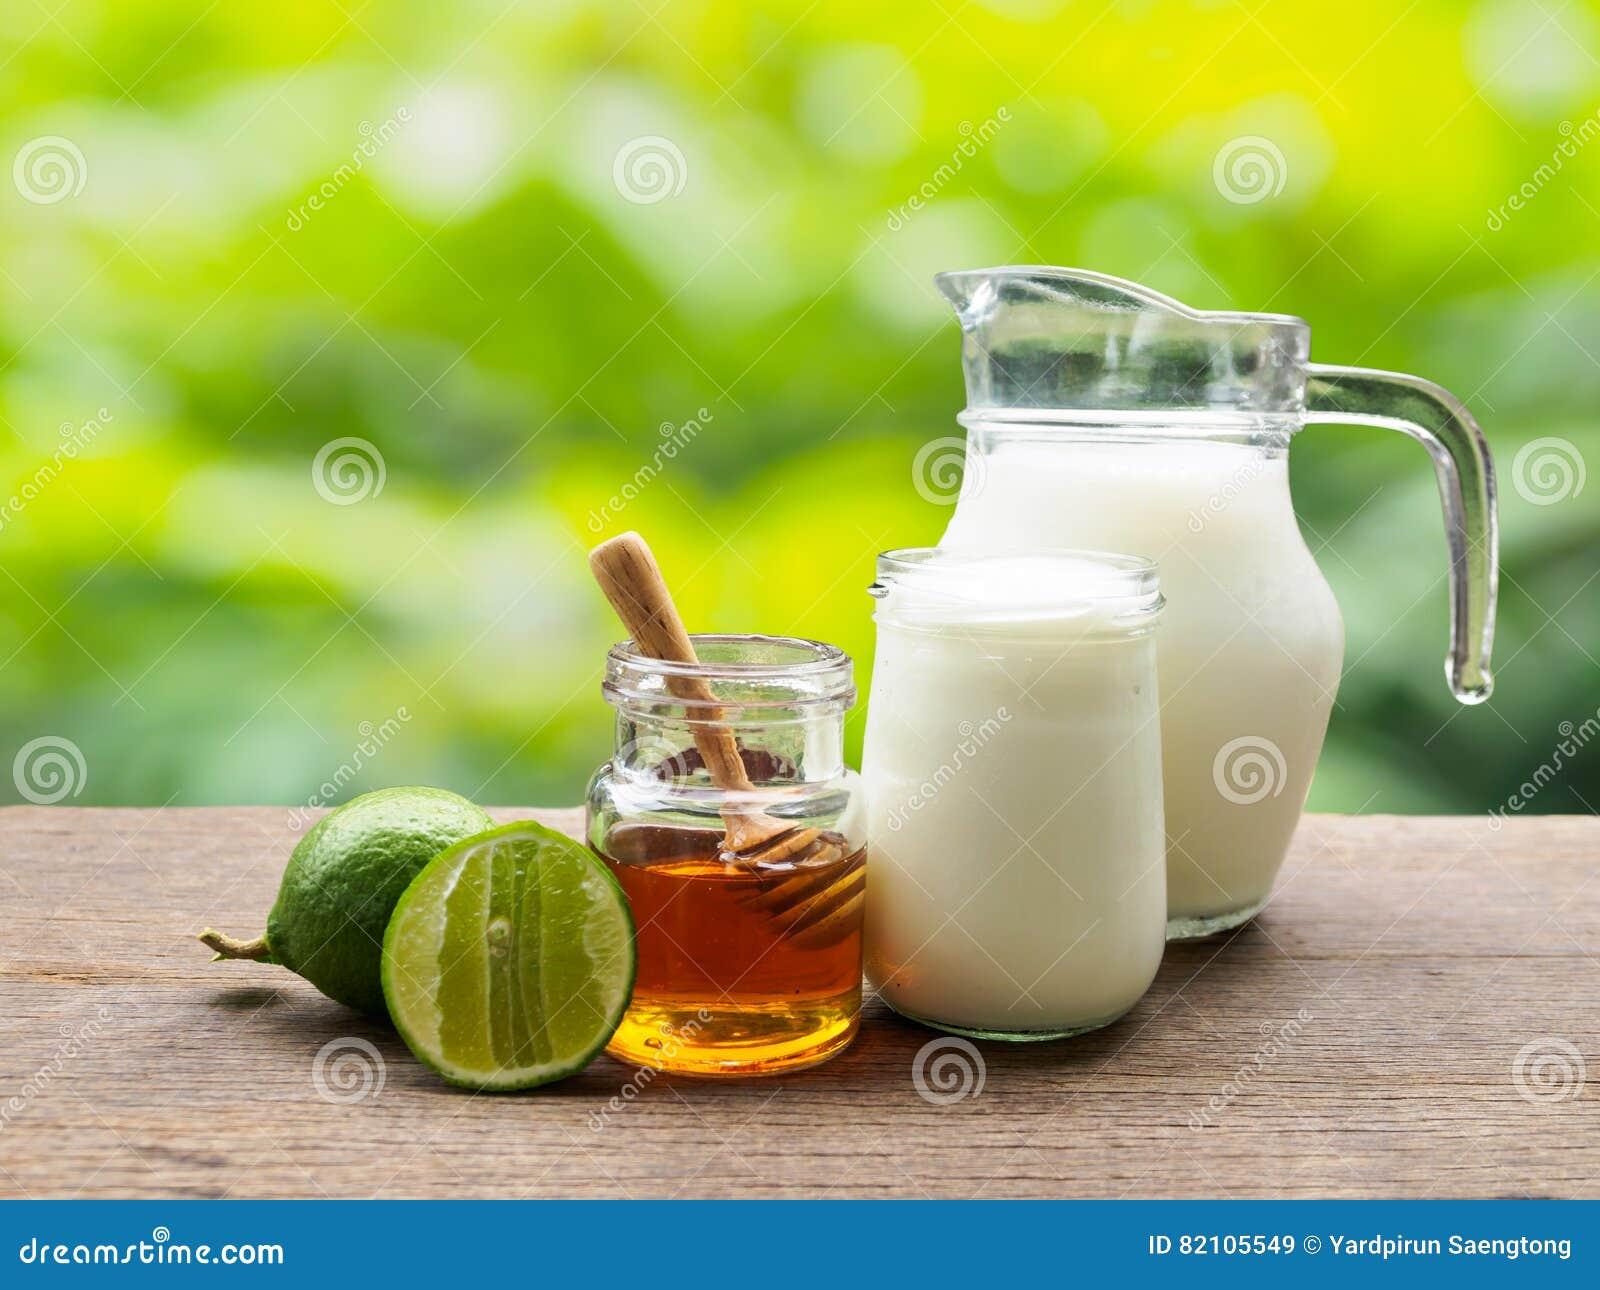 挤奶石灰蜂蜜和酸奶成份喝i的戒毒所冒号的